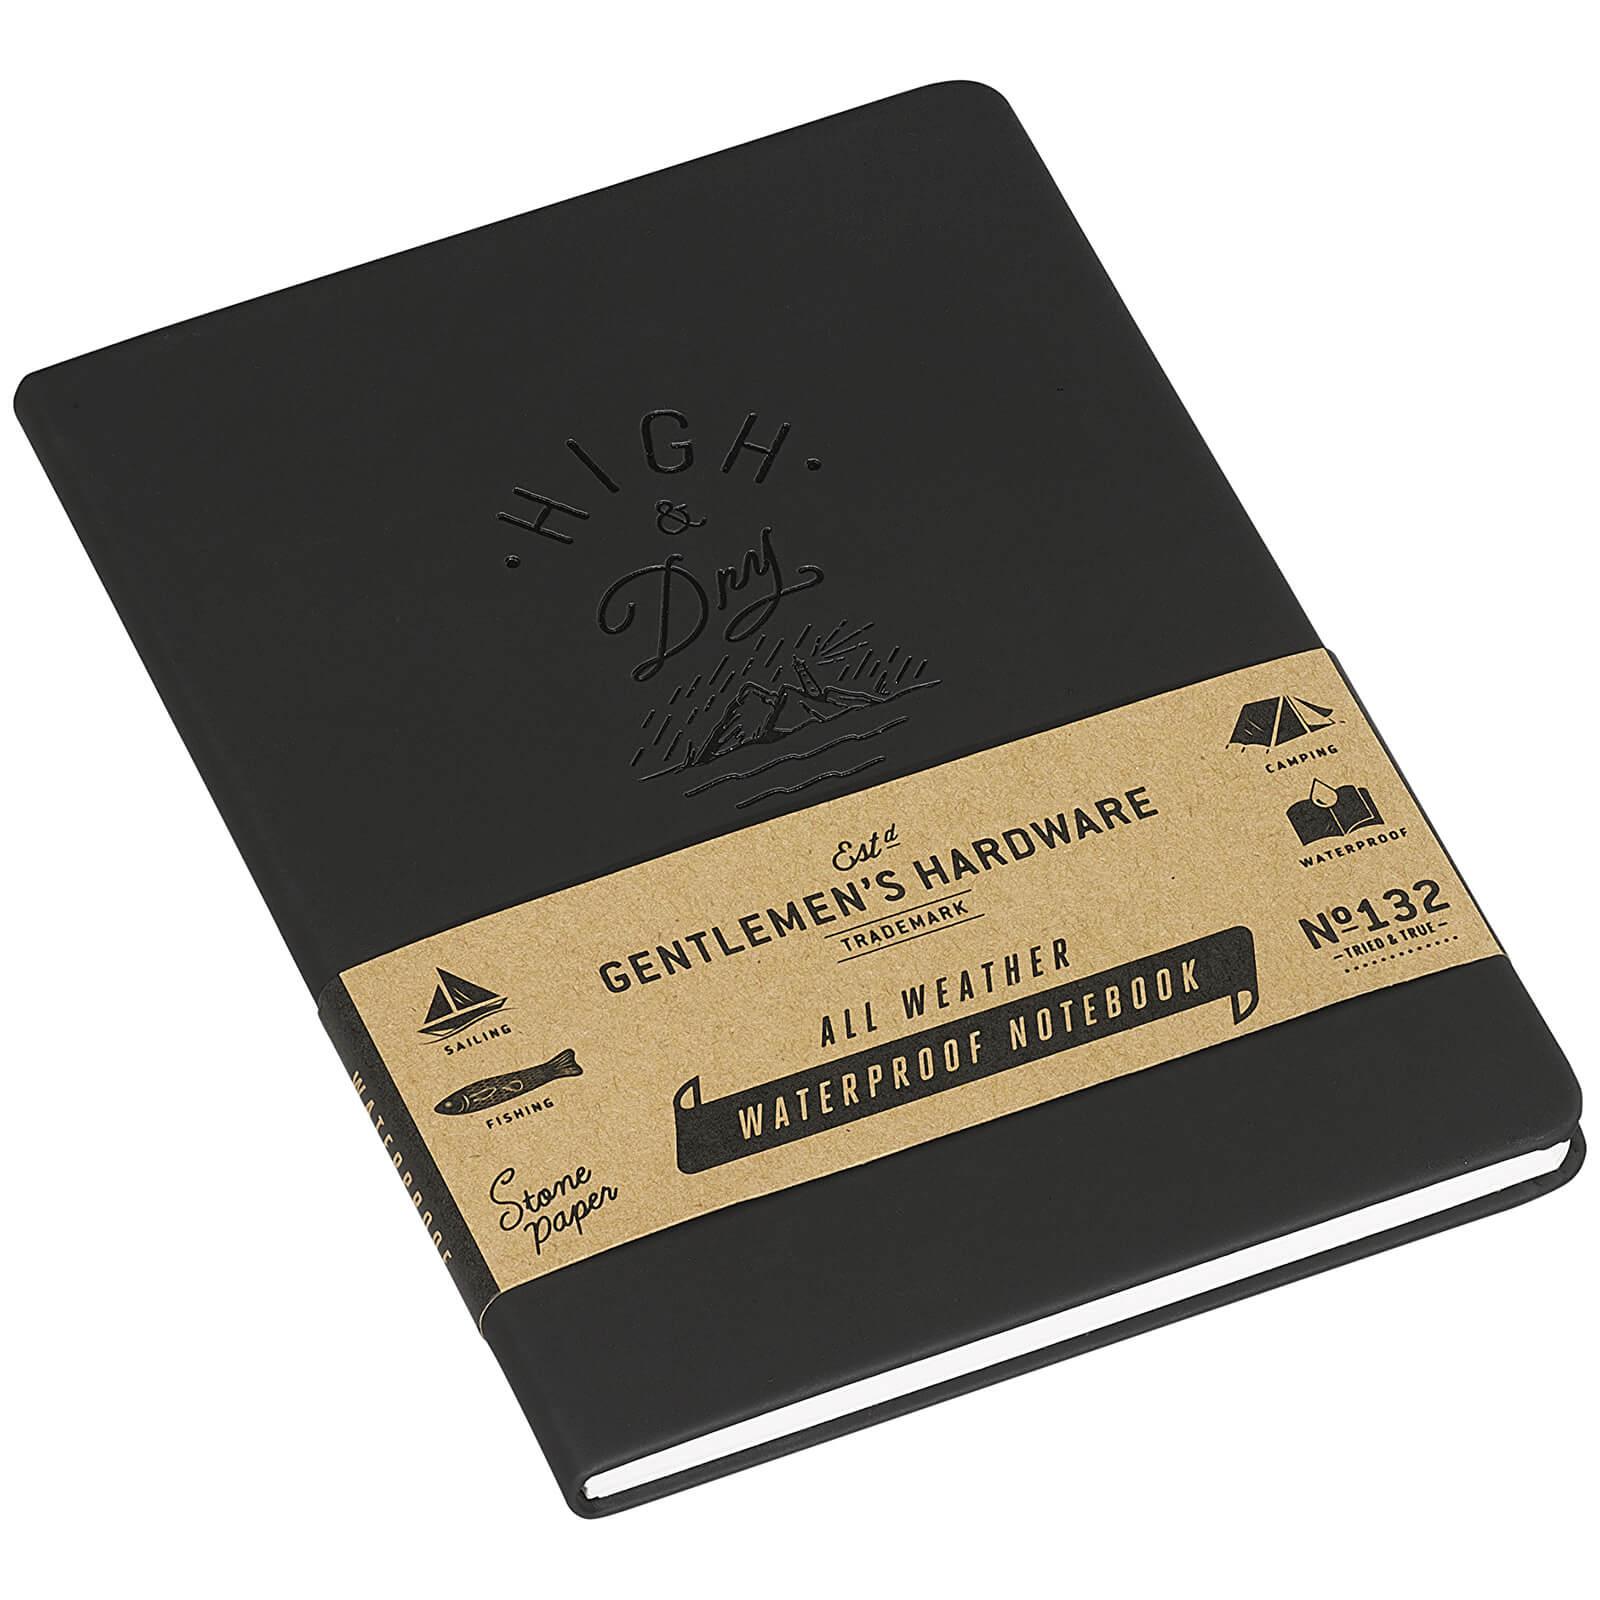 Gentlemen's Hardware Waterproof Notebook - Black Gentlemen's Hardware Waterproof Notebook - Black